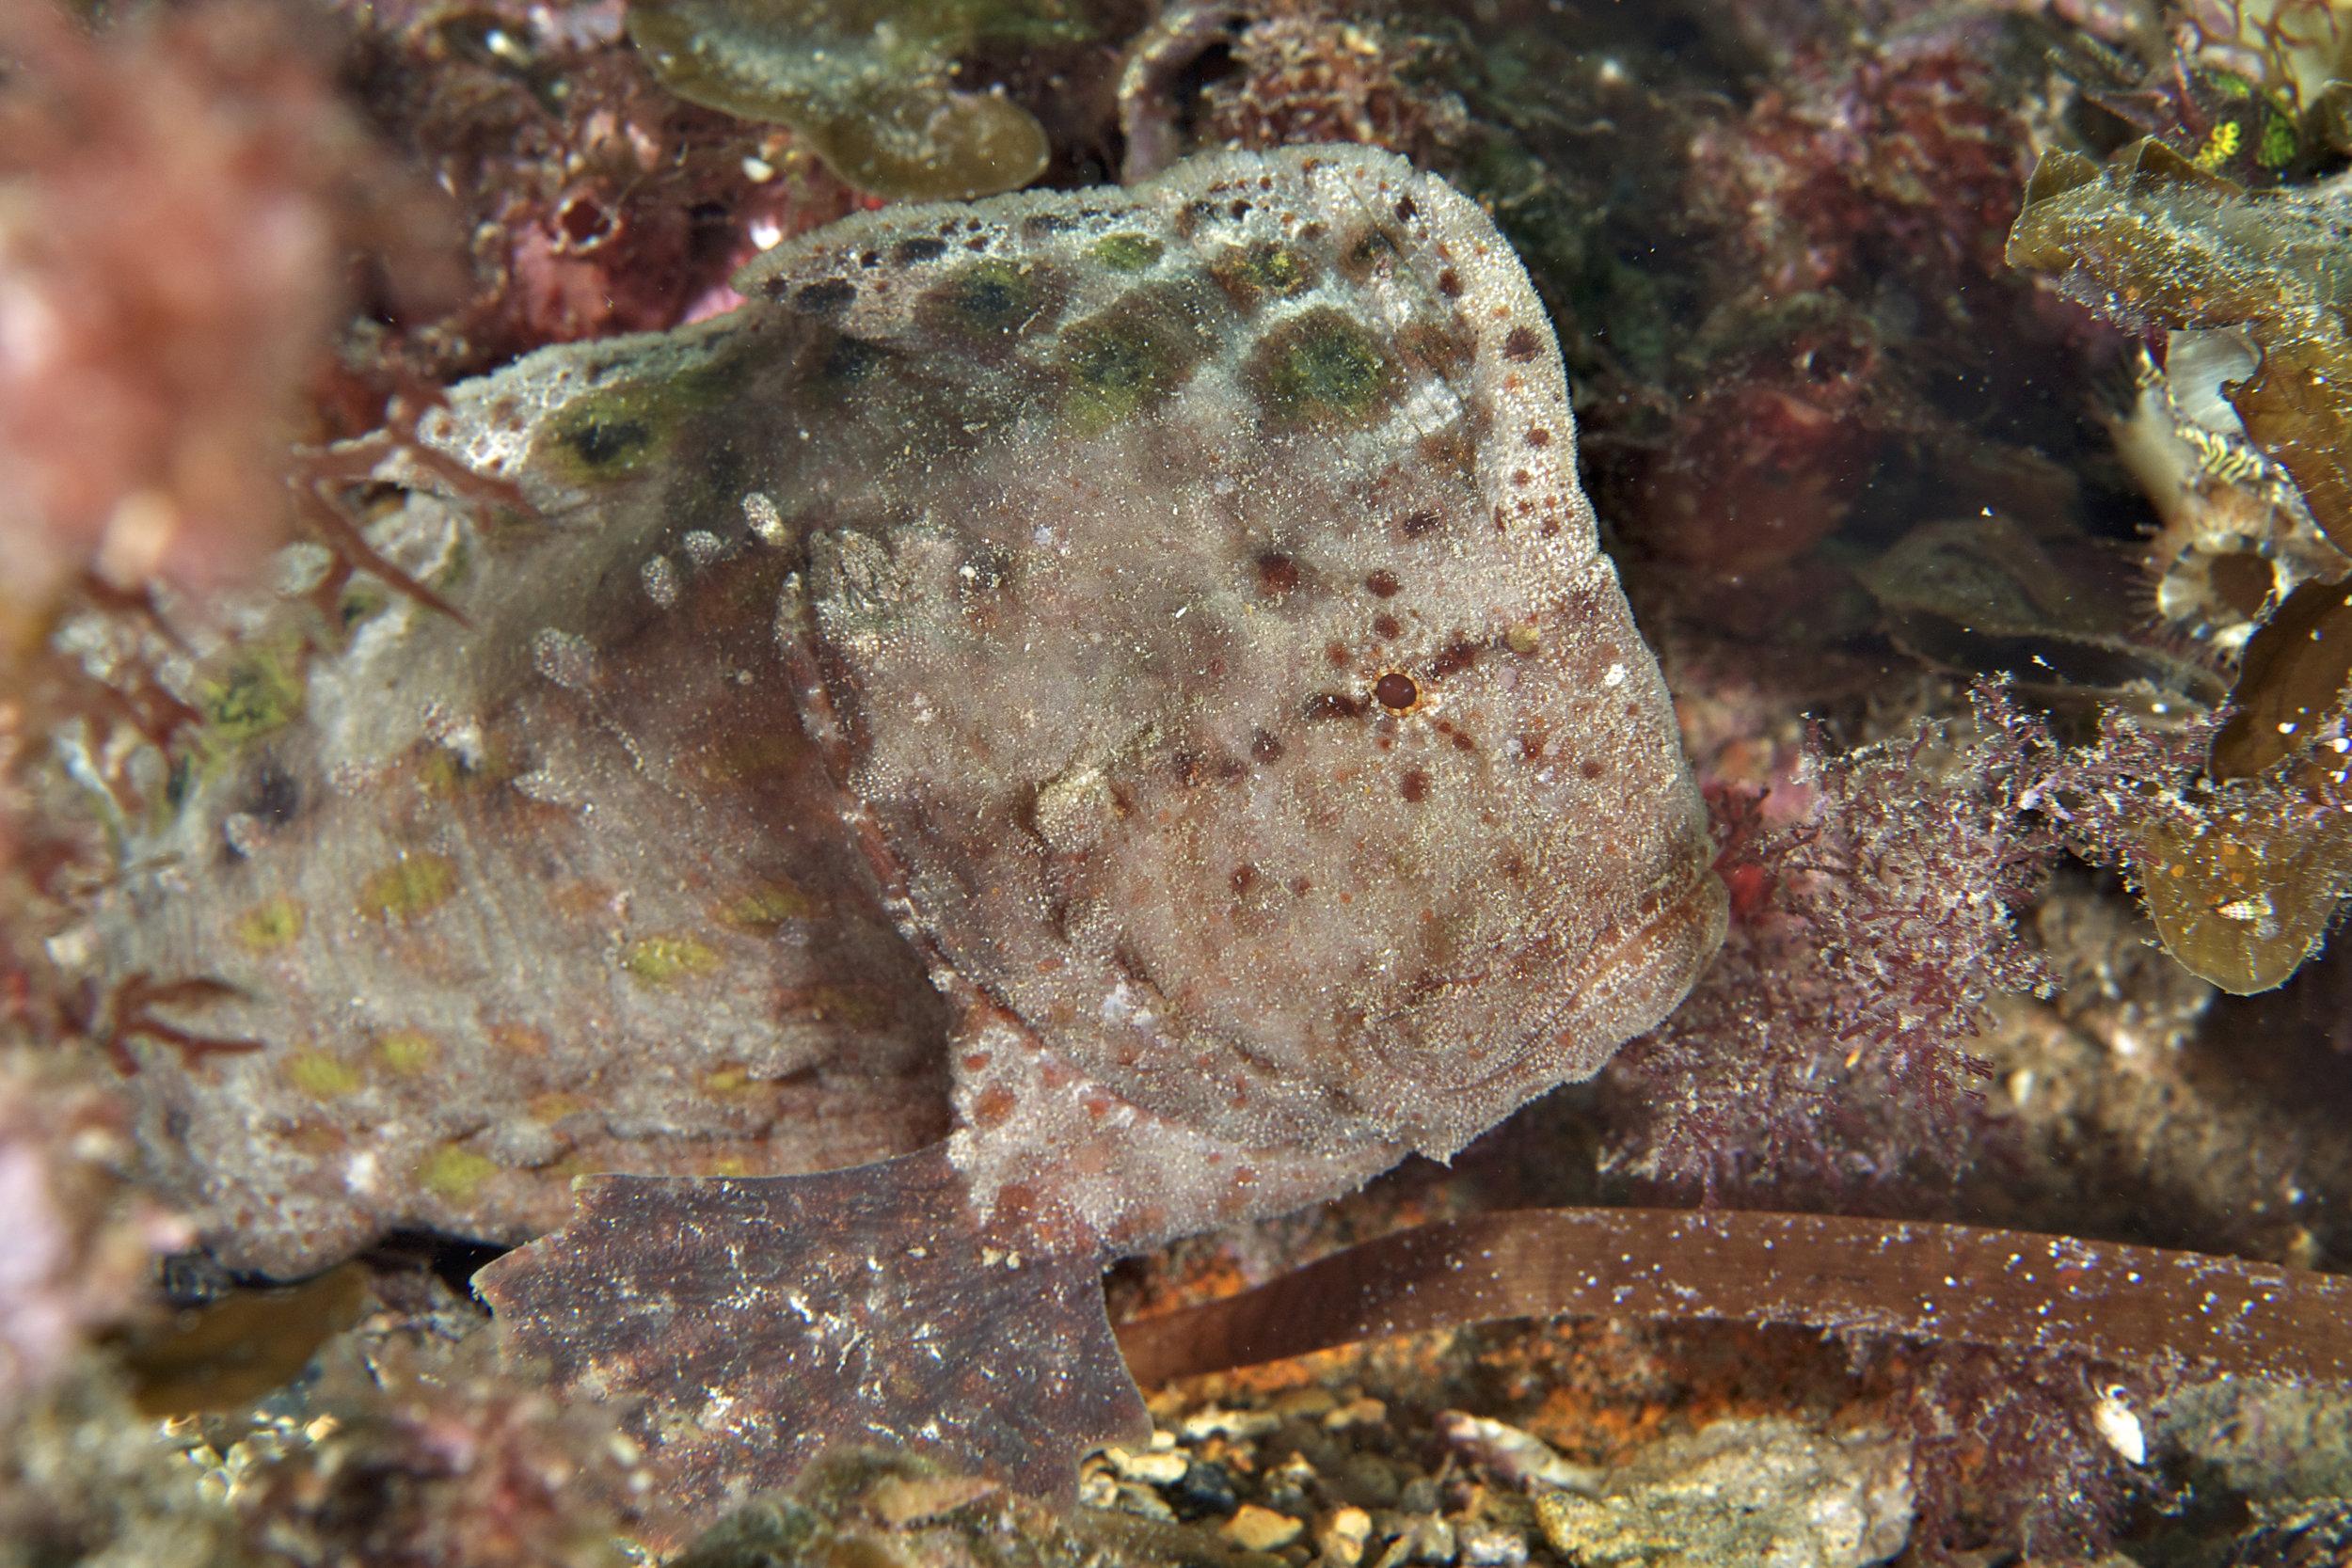 Warty prowfish (Aetapcus maculatus)